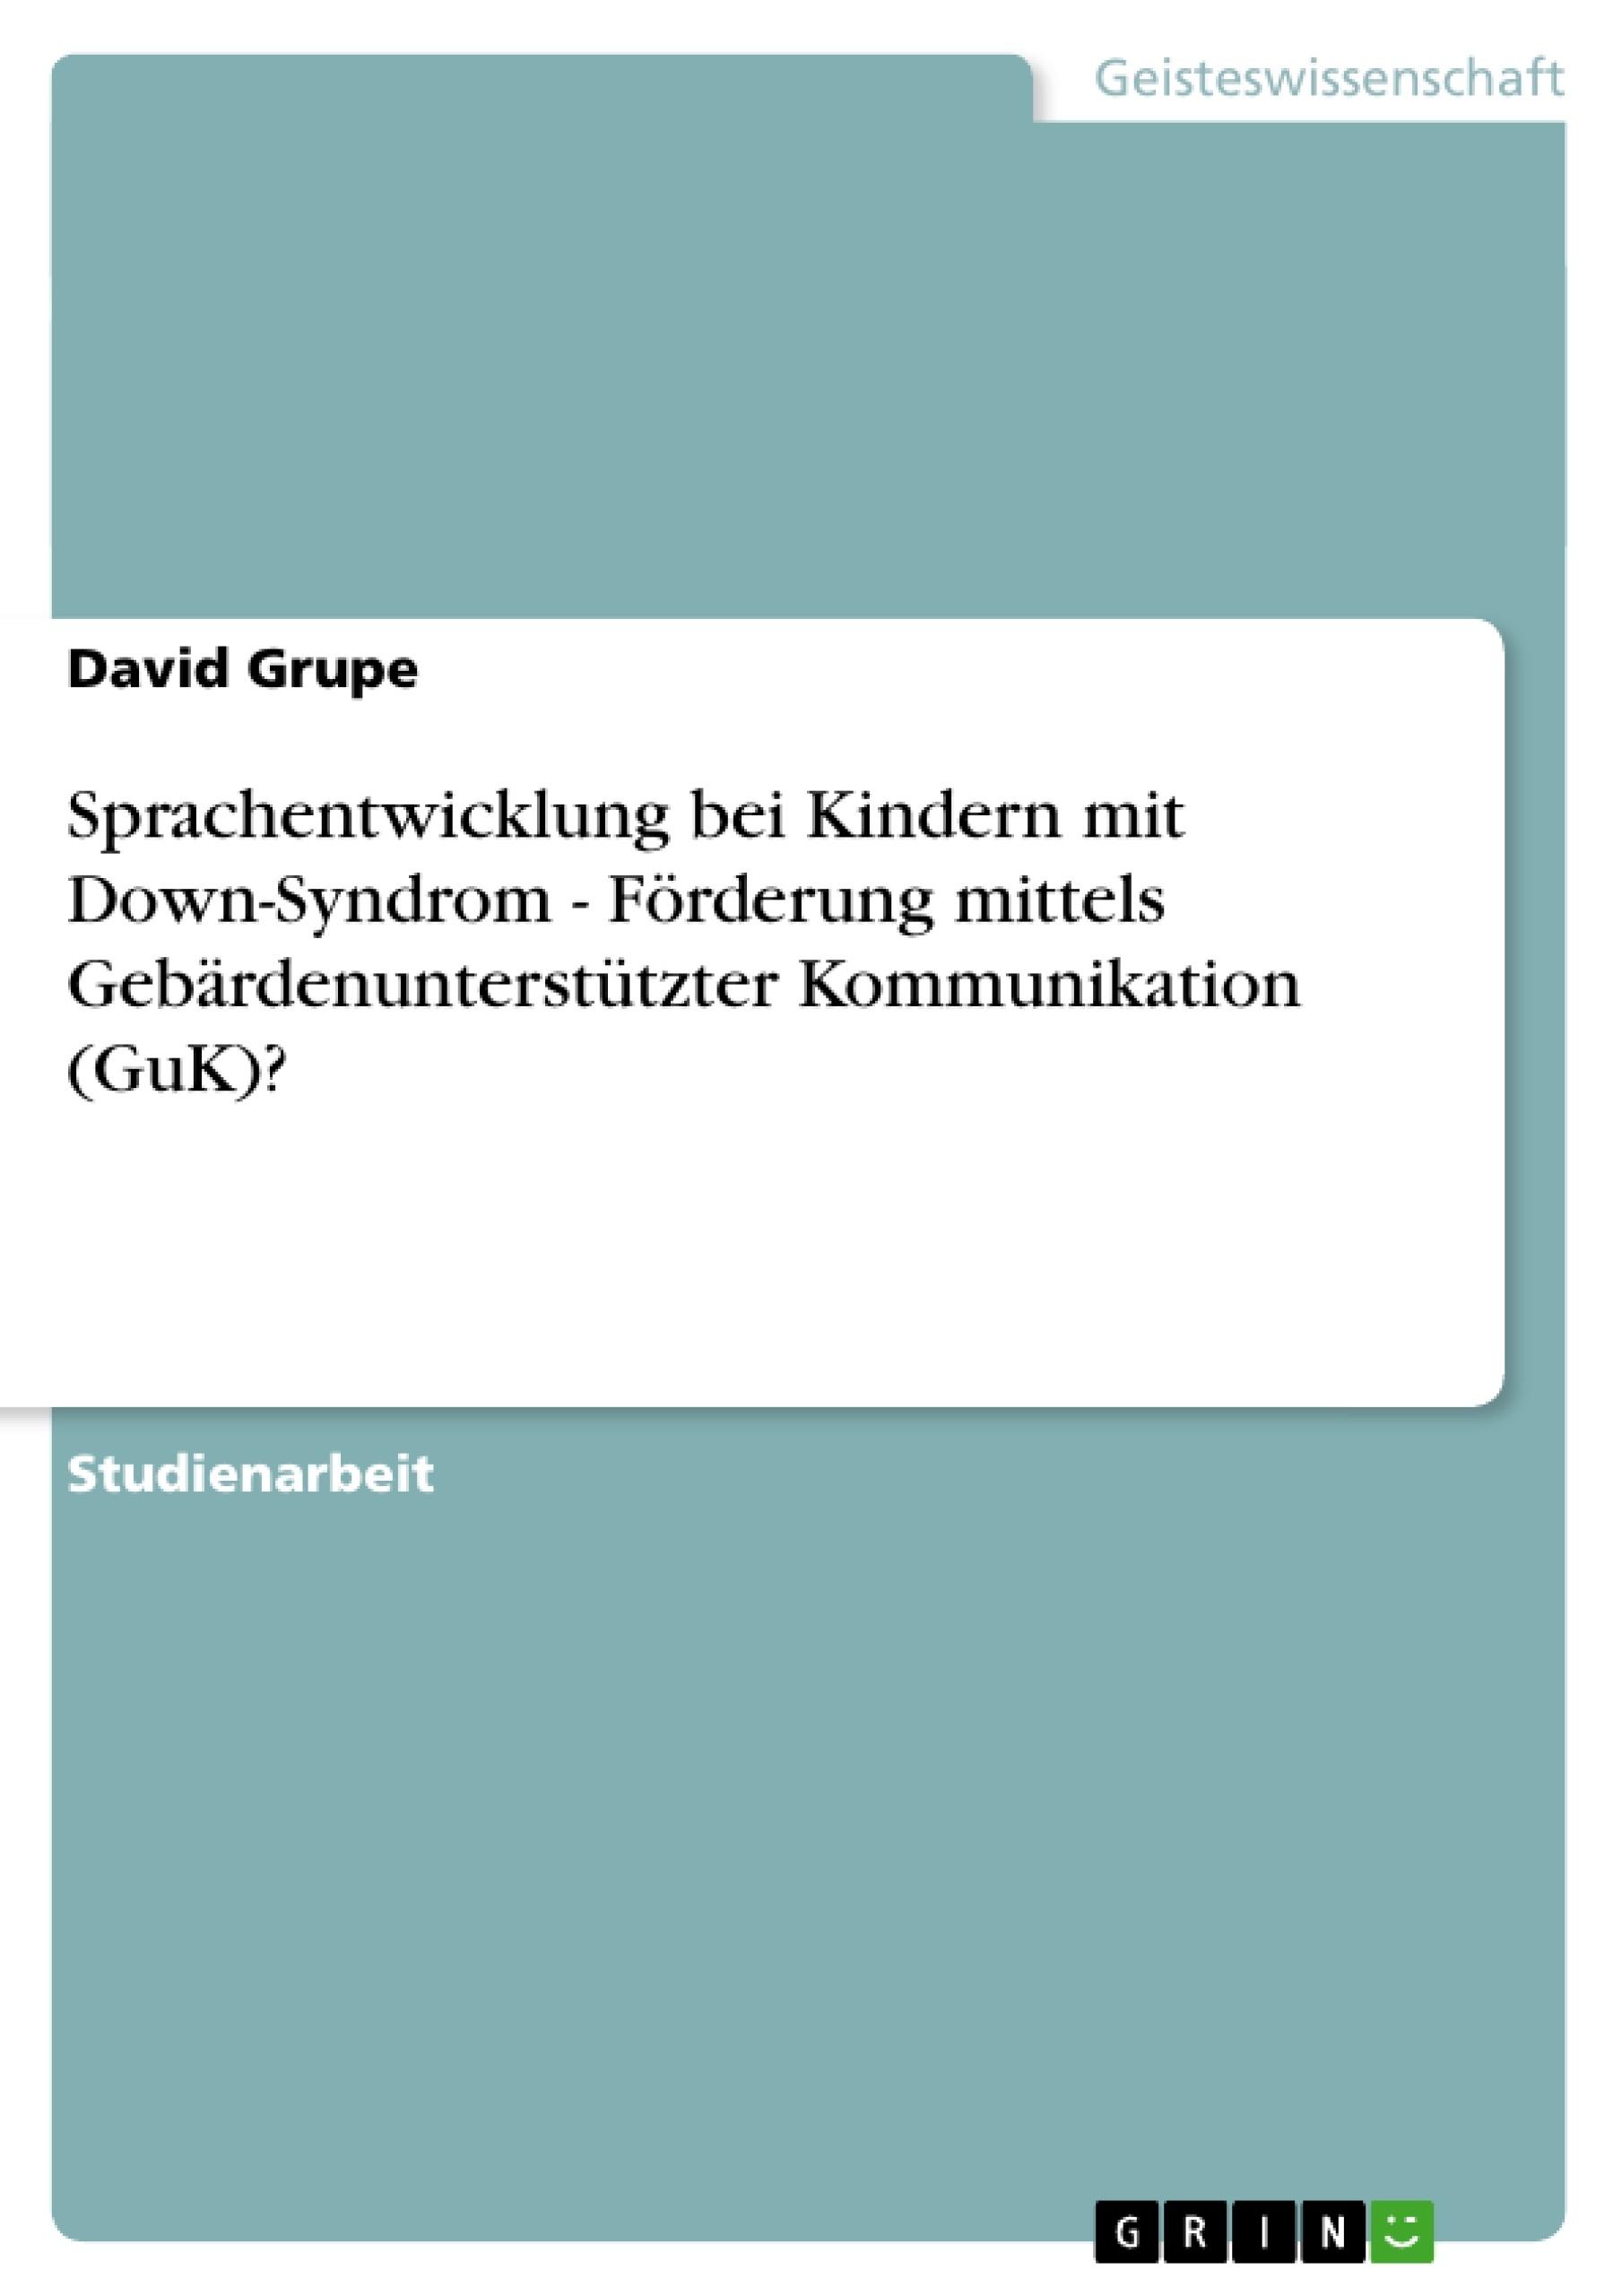 Titel: Sprachentwicklung bei Kindern mit Down-Syndrom - Förderung mittels Gebärdenunterstützter Kommunikation (GuK)?